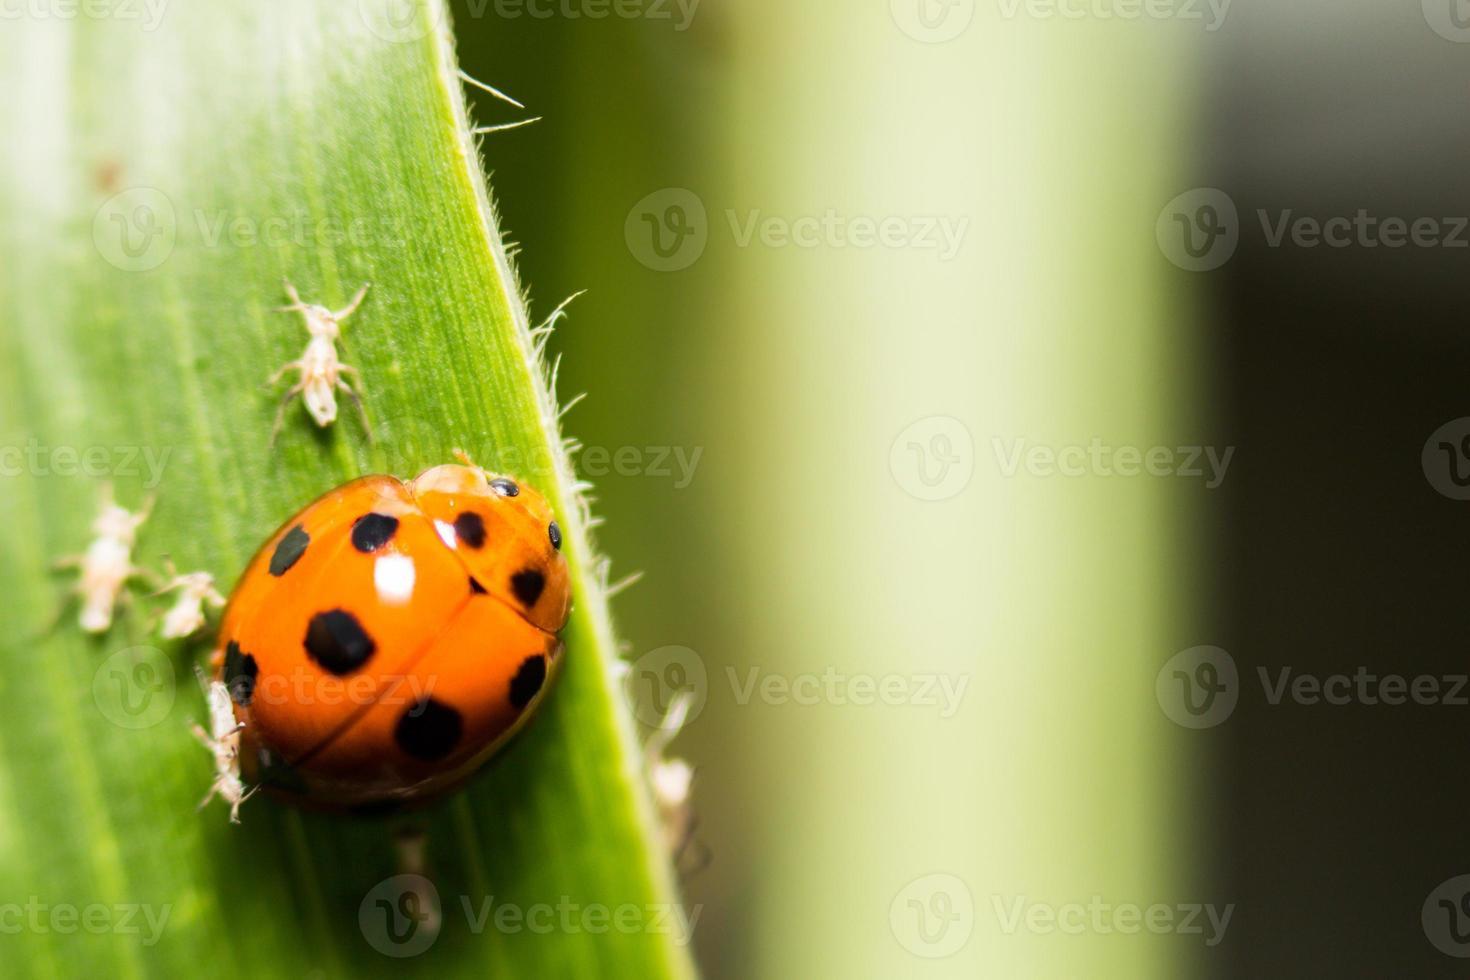 extra soft focus lieveheersbeestje macro op groen blad foto